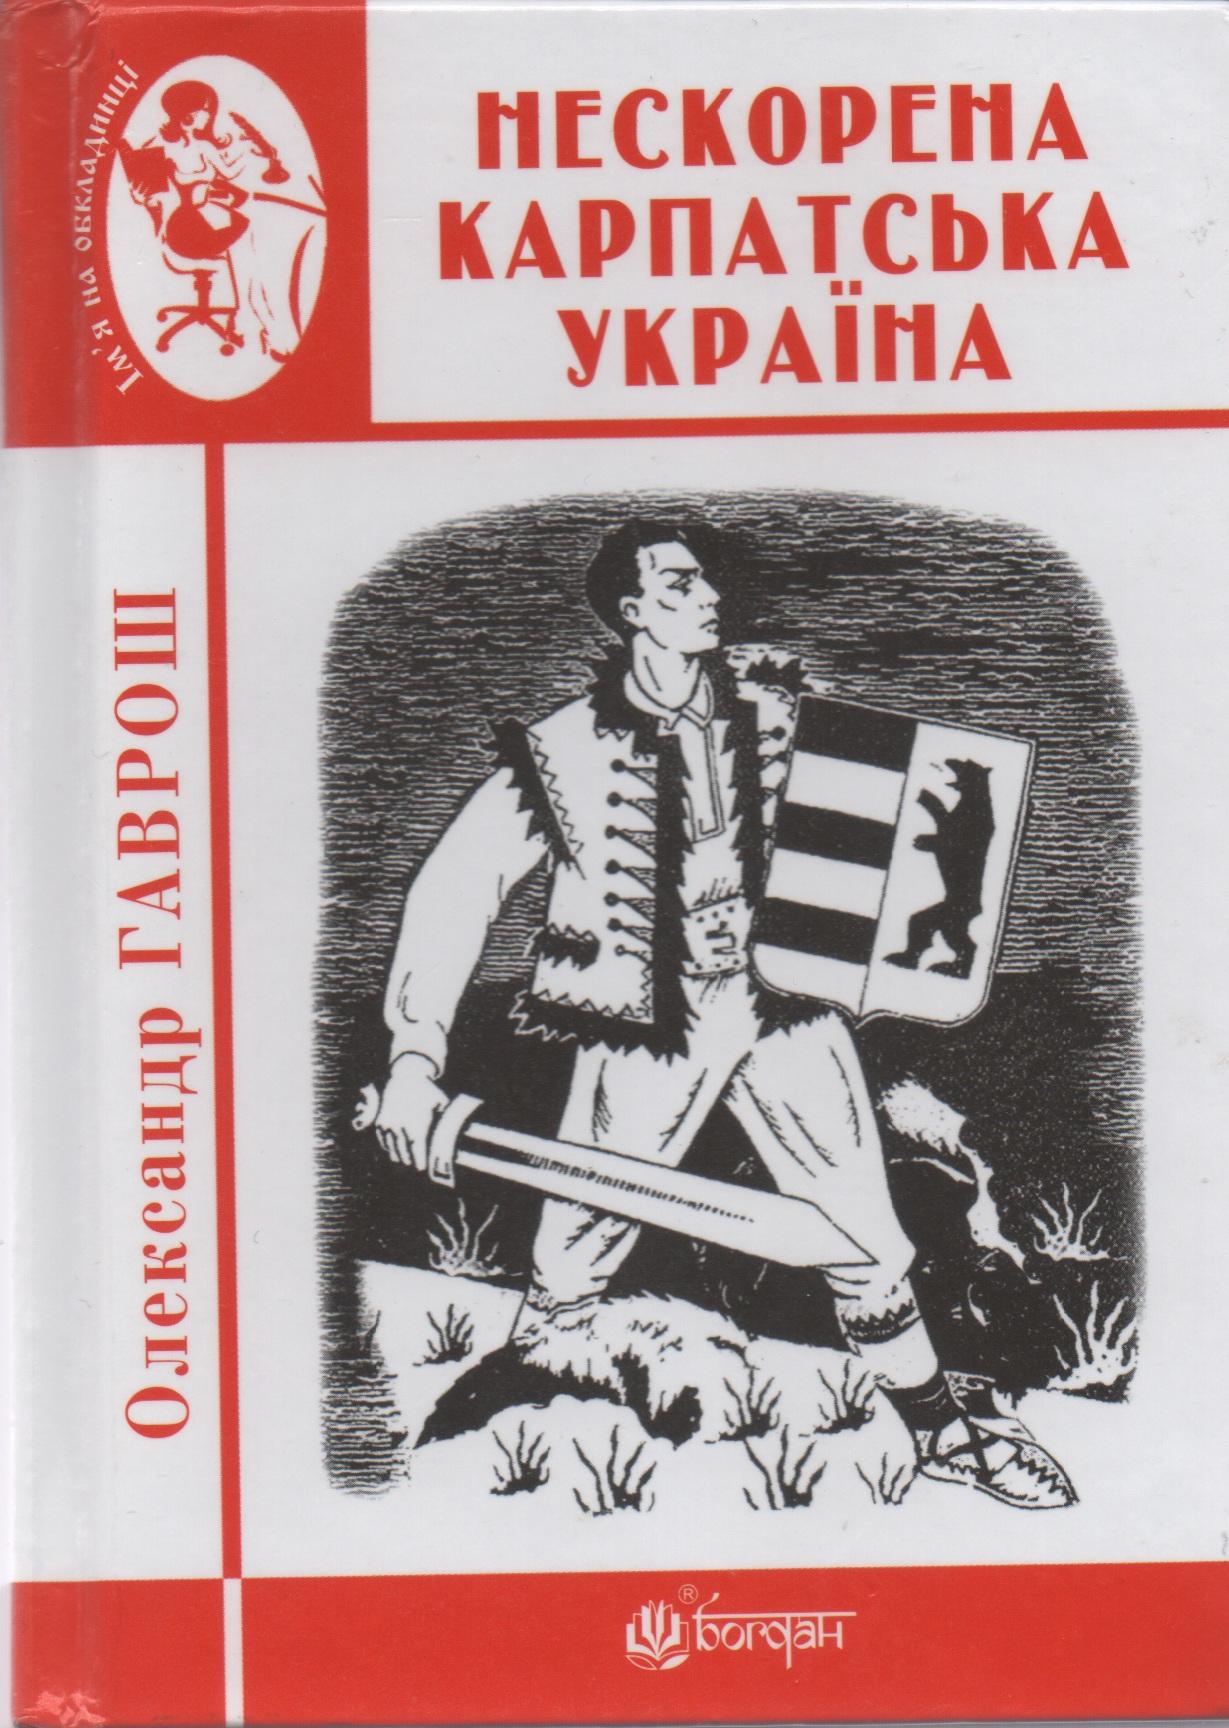 Нові видання про Карпатську Україну представлять у Закарпатській обласній бібліотеці